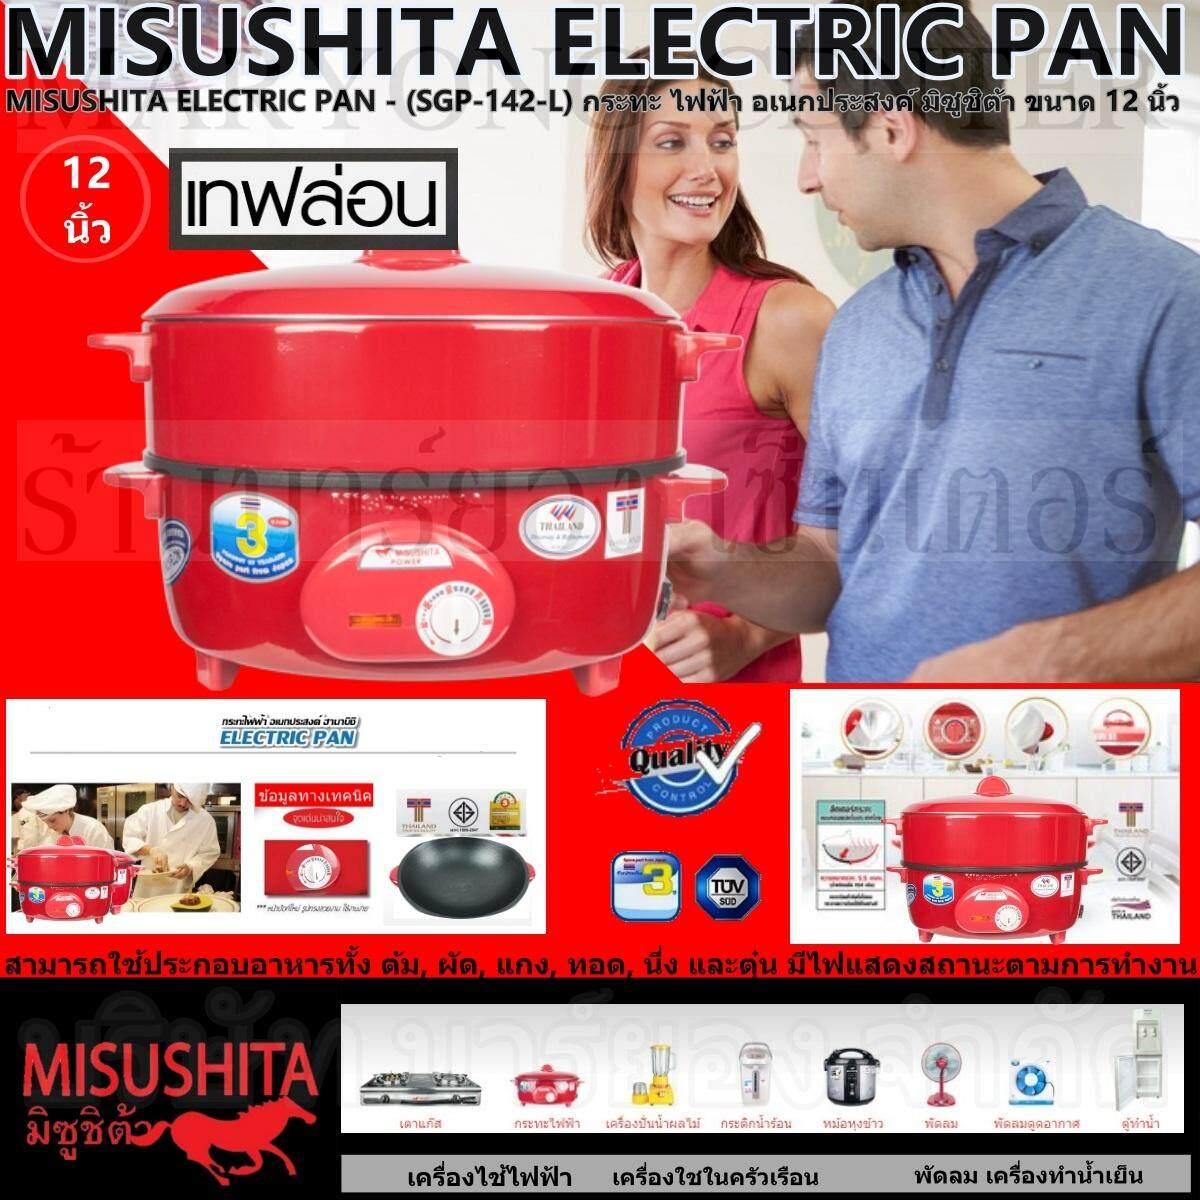 MISUSHITA ELECTRIC PAN - (SGP-142-L) กระทะ ไฟฟ้า อเนกประสงค์ พร้อมซึ้ง นึ่ง มิซูชิต้า ขนาด 12 นิ้ว  ประหยัดไฟ และปลอดภัยในการใช้งาน พร้อมทนความร้อน แรงดันไฟ 50 Hz แรงดันไฟฟ้า 220V สินค้ารับประกัน 3ปี V19 1N-12